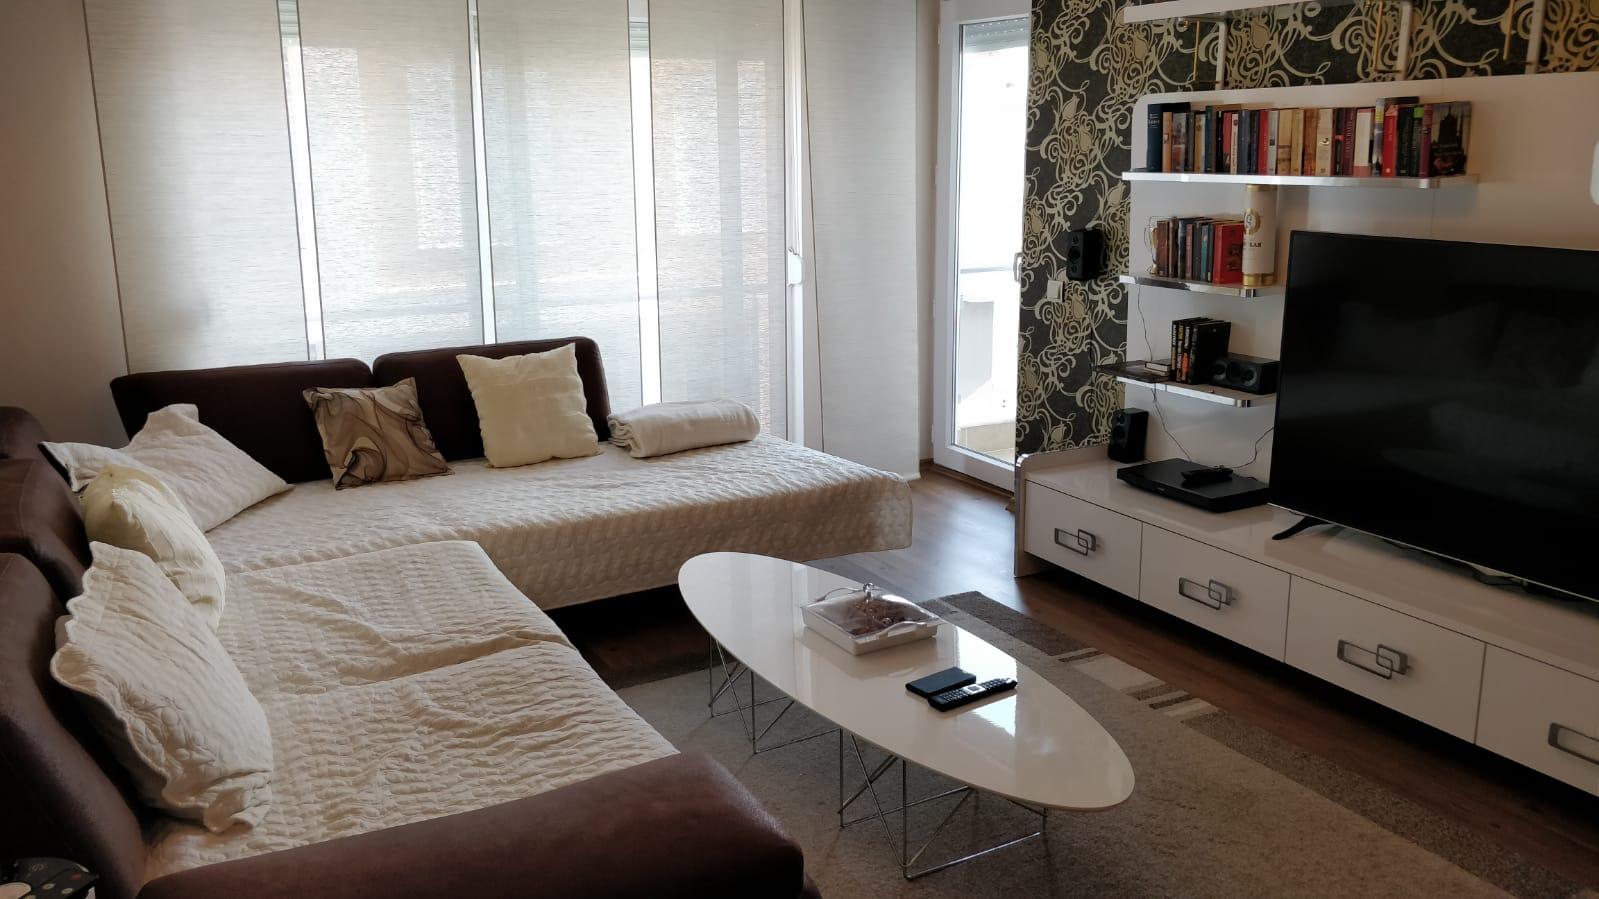 Продажа двухэтажной квартиры в Анталии — Premium Park Residence 2 (2+1 дуплекс)